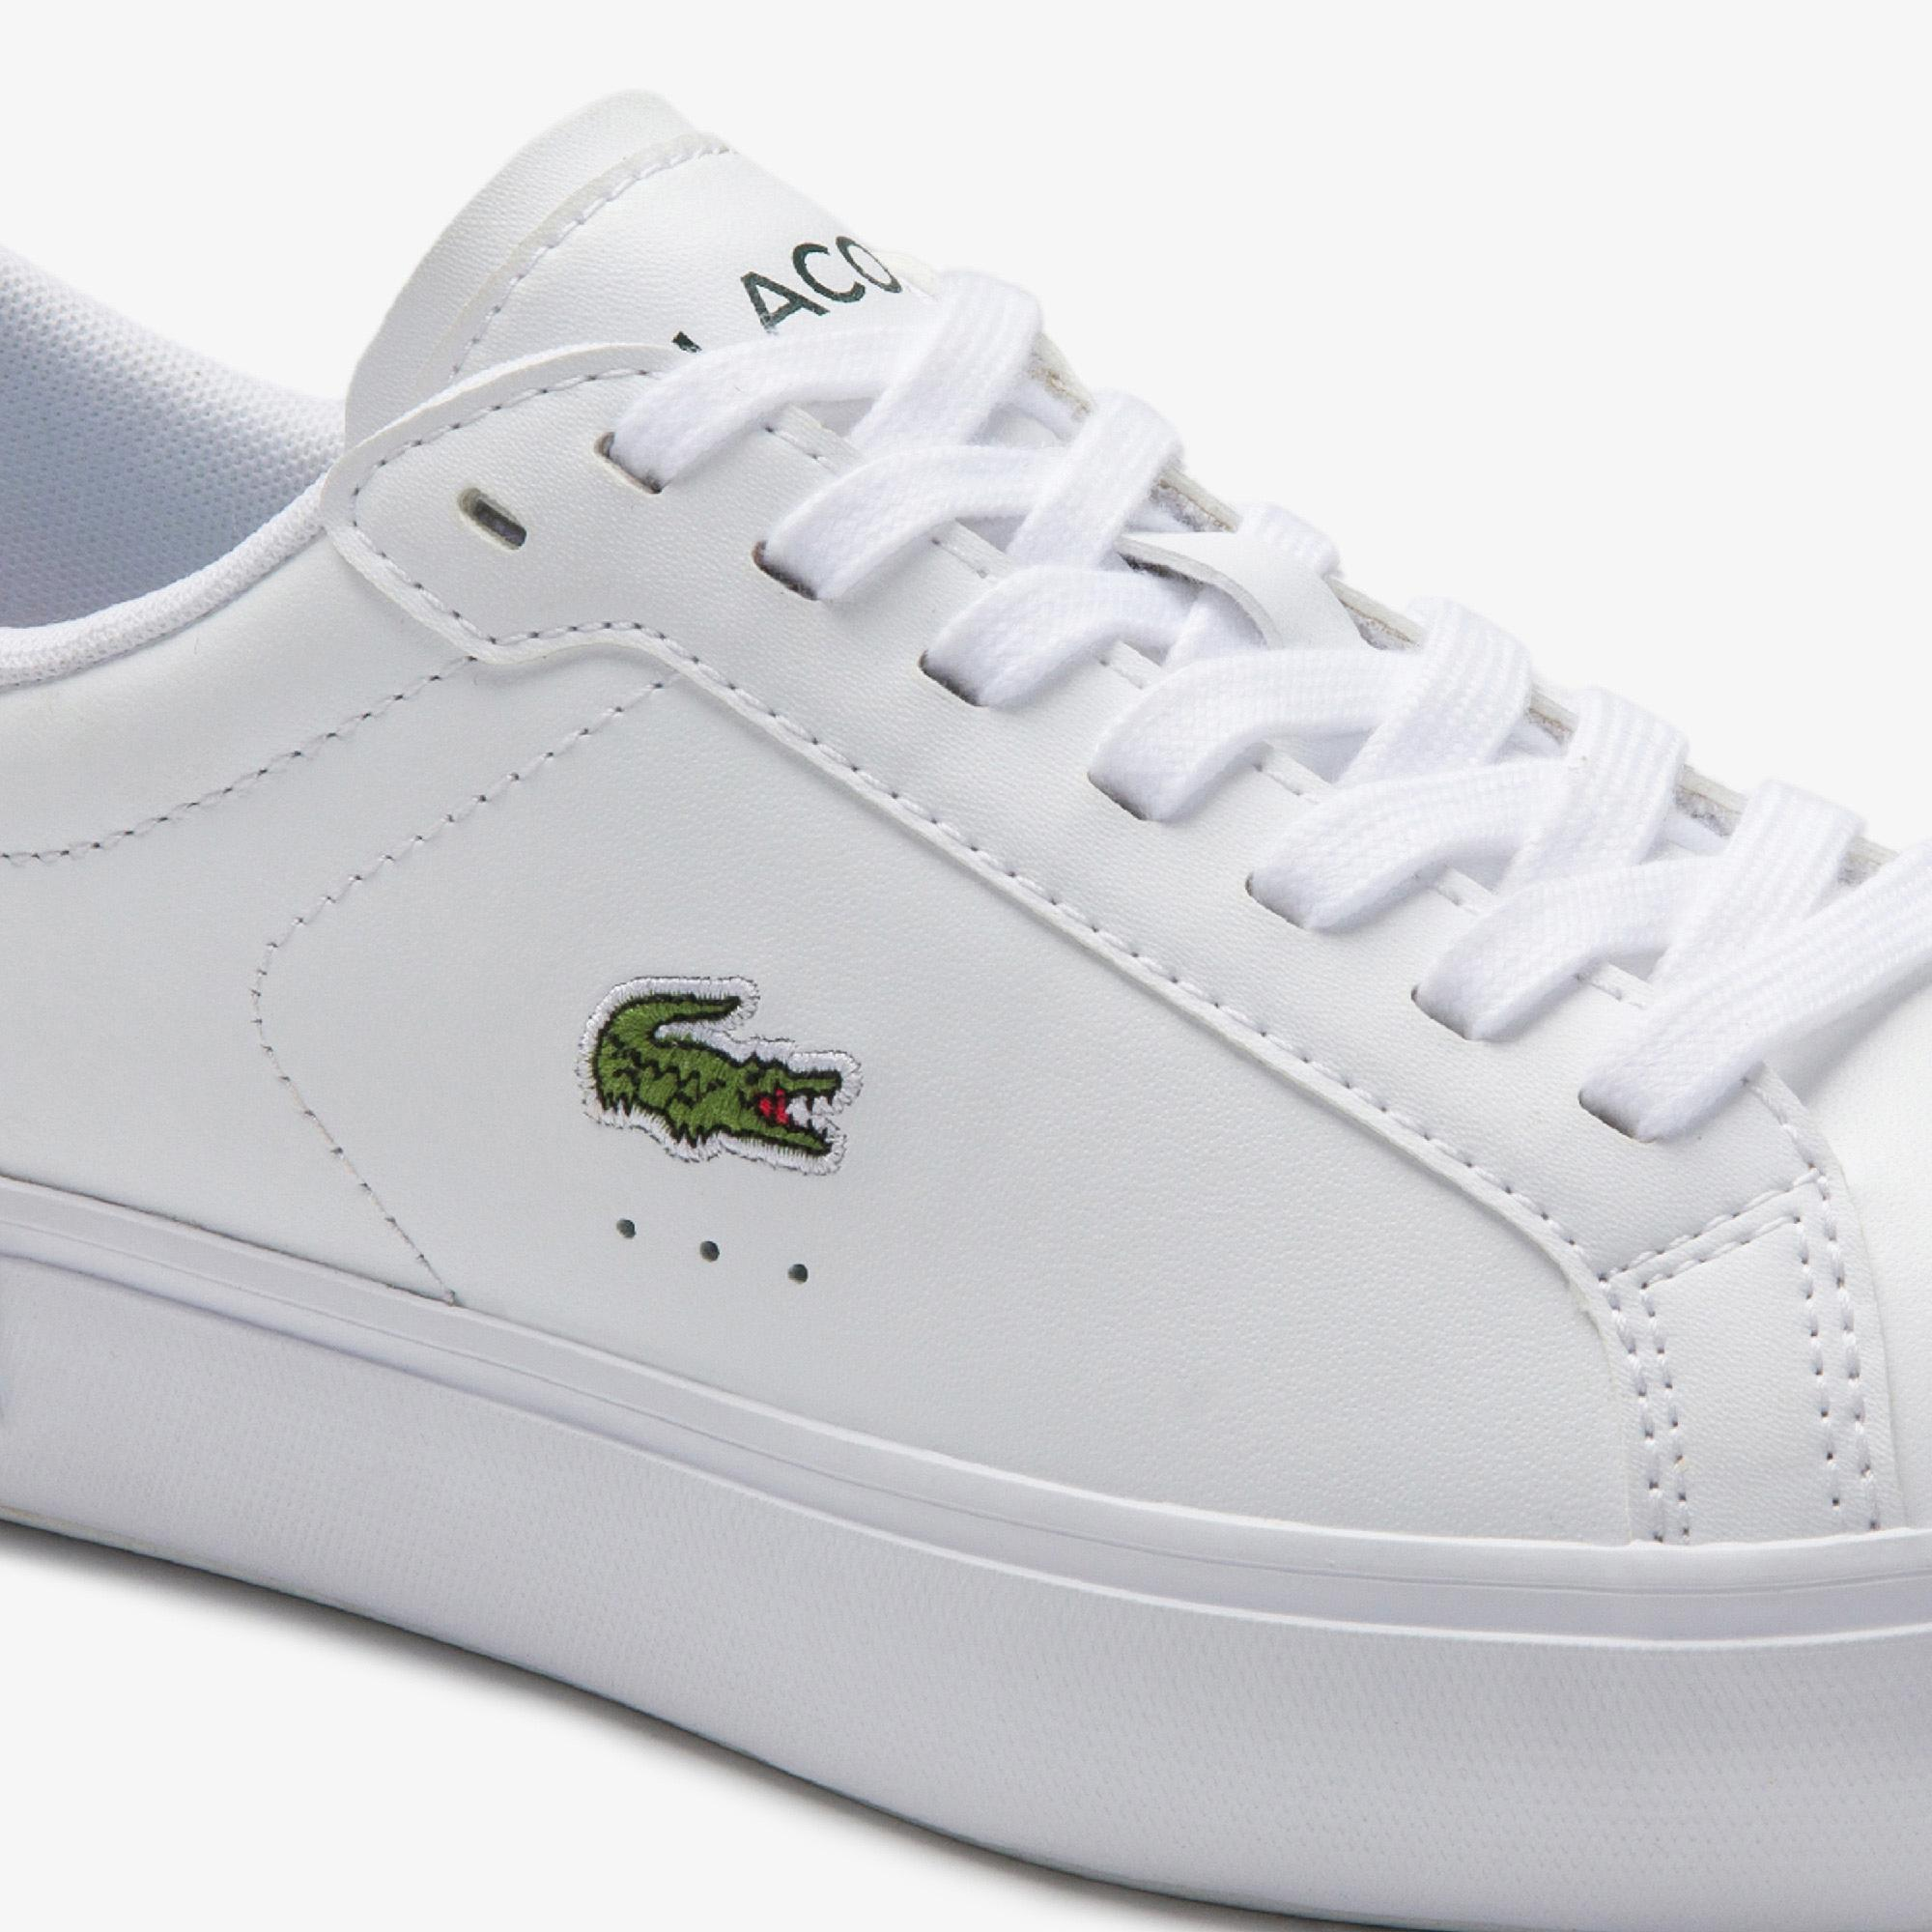 Lacoste Powercourt 0520 1 Sfa Kadın Beyaz - Koyu Yeşil Sneaker